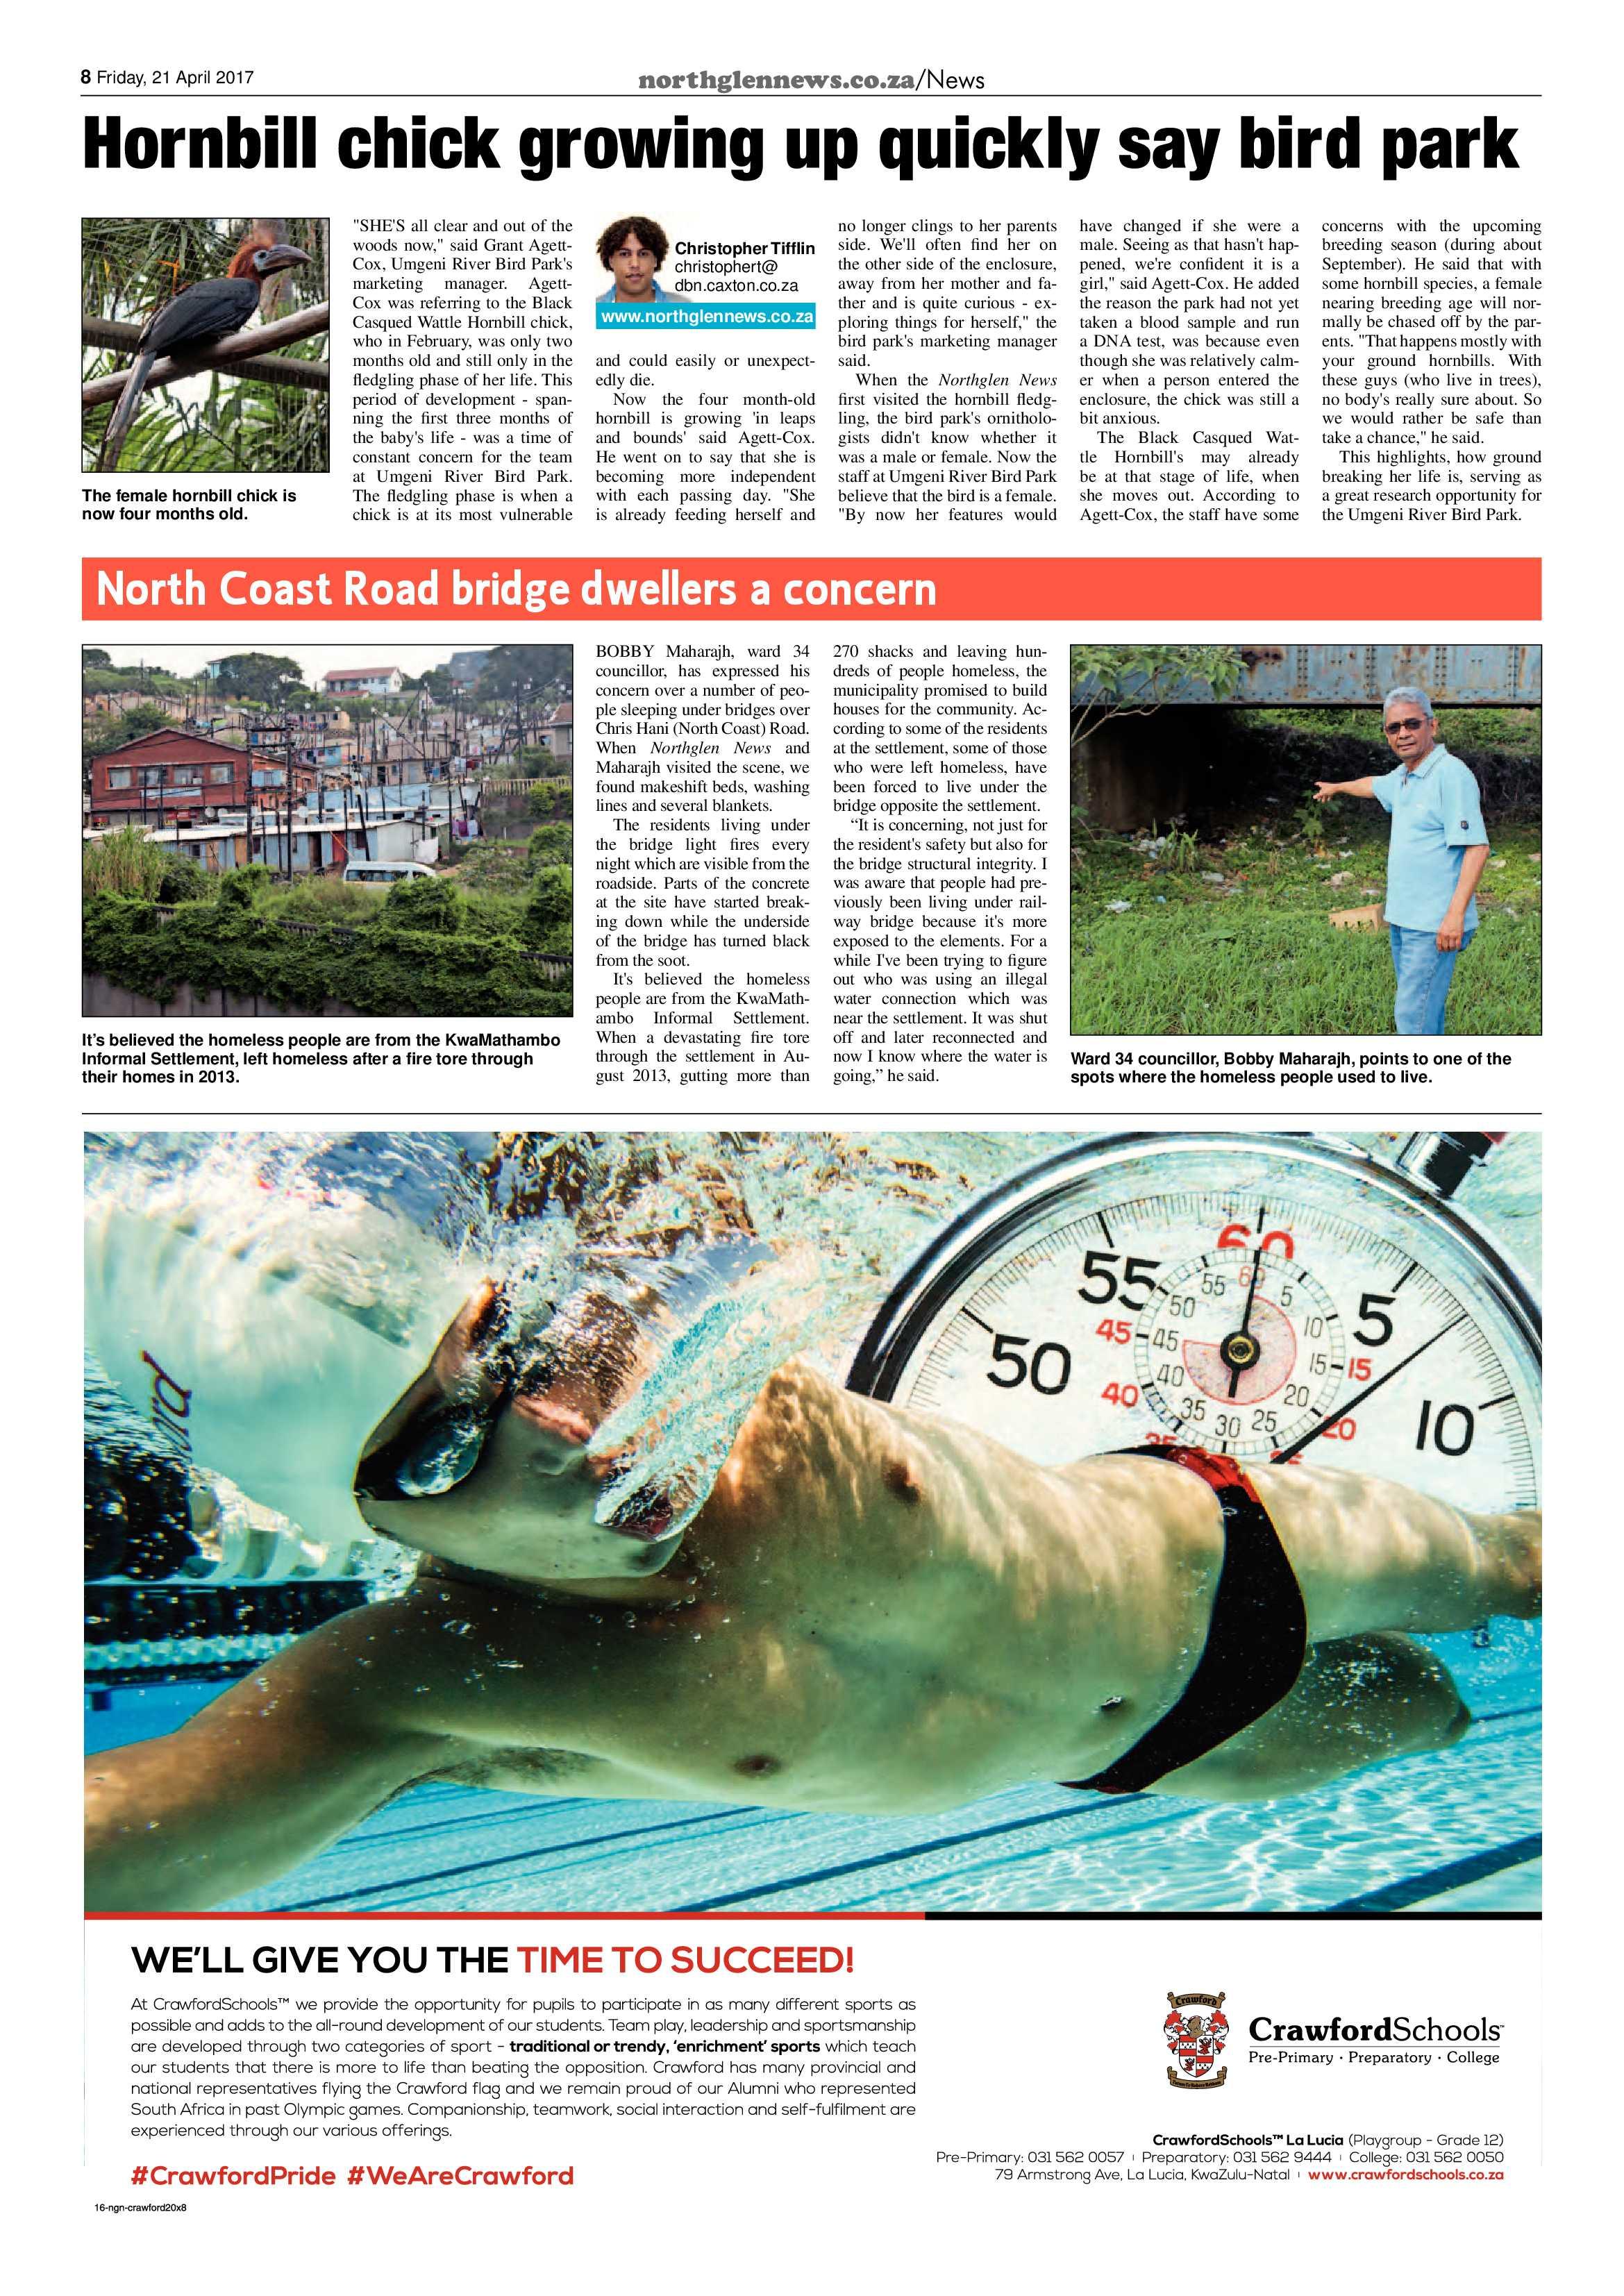 northglen-news-21-april-2017-epapers-page-8